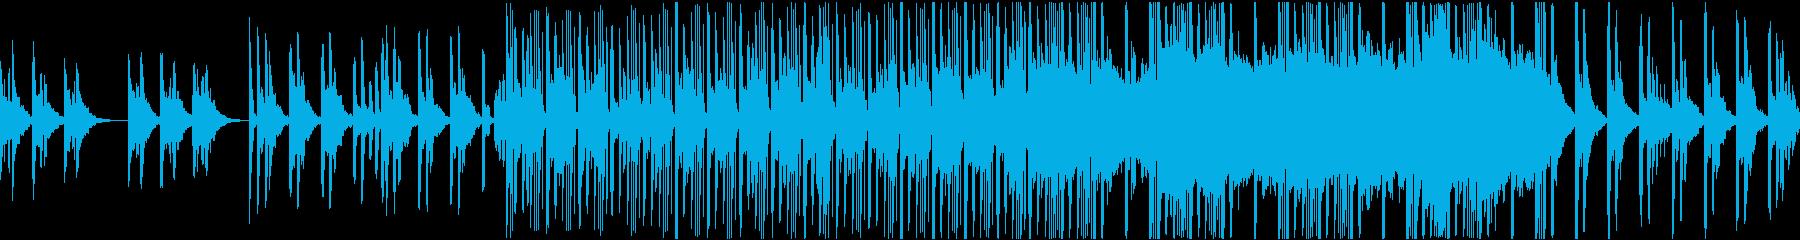 切ないピアノと荒廃的なドラムのループ曲の再生済みの波形